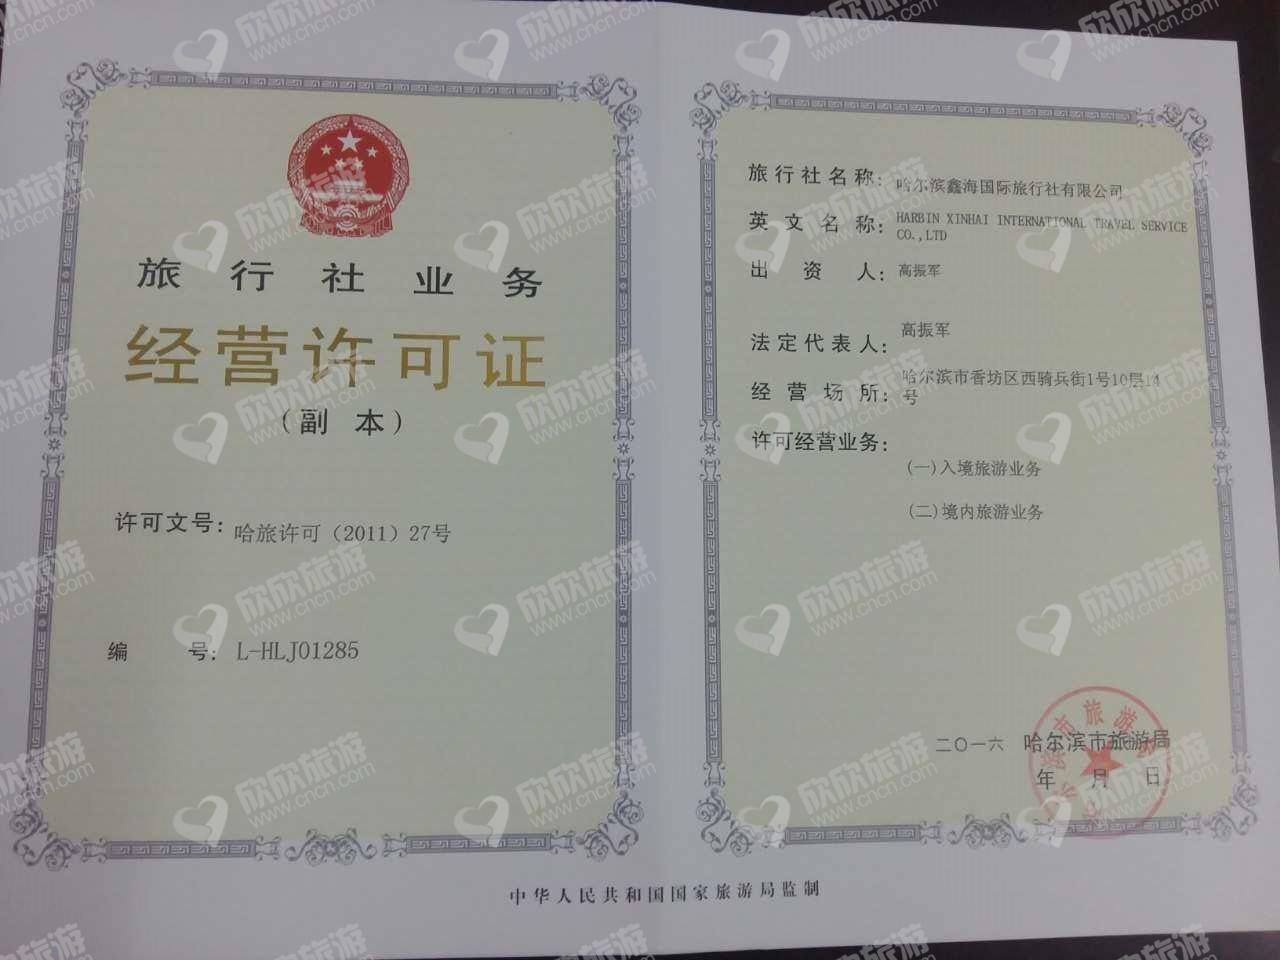 哈尔滨鑫海国际旅行社有限公司经营许可证